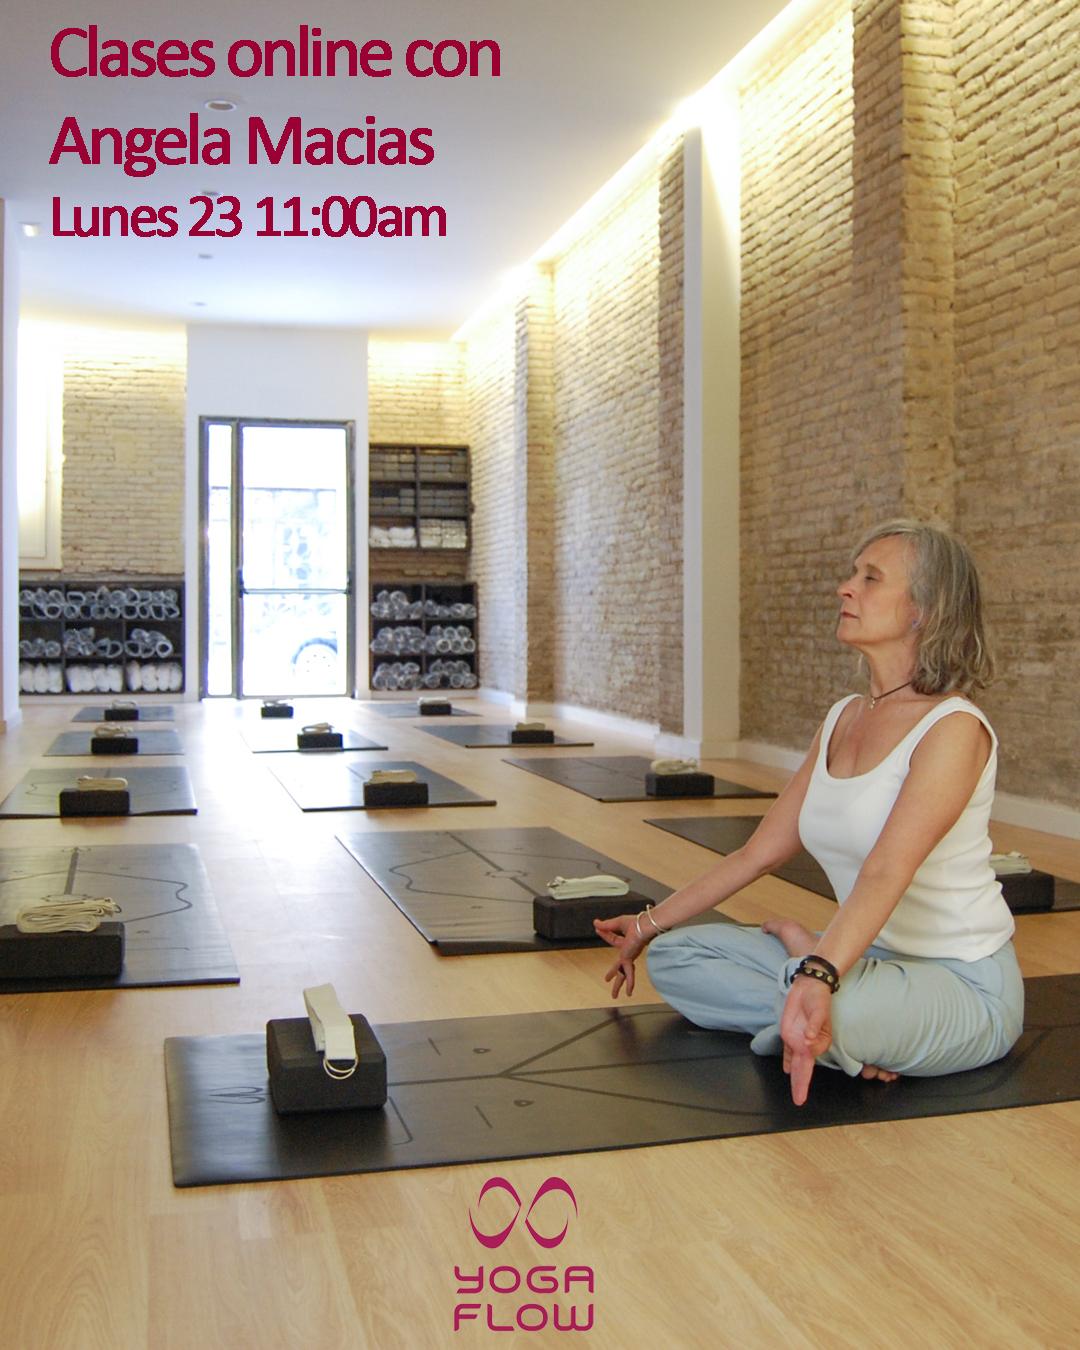 Yoga desde tu casa